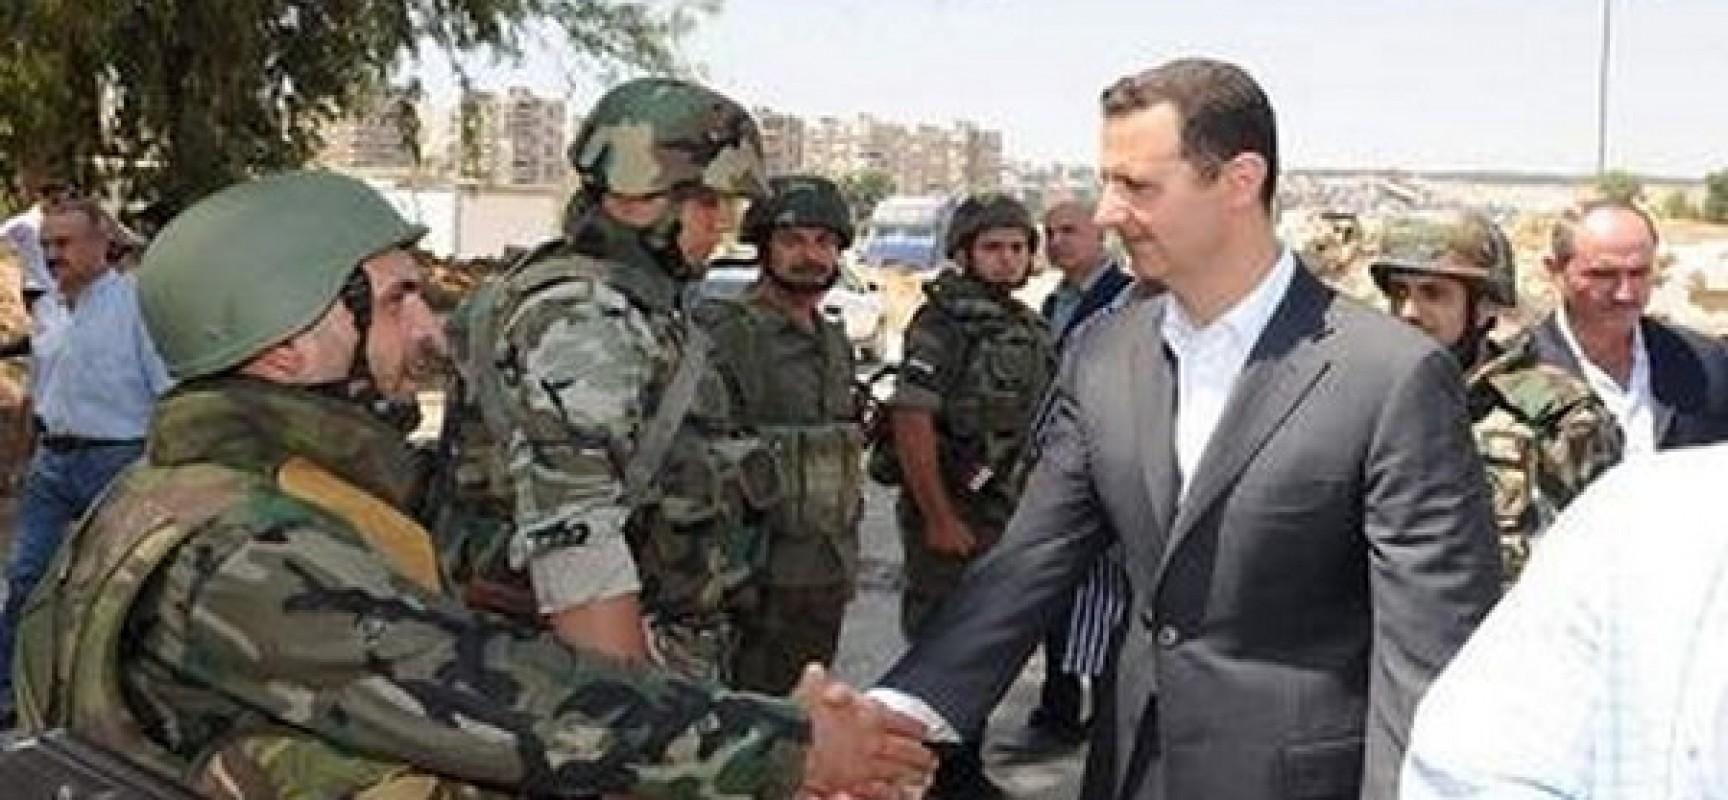 Alep encerclée, l'Occident cherche une autorisation spéciale pour sauver ses hordes de terroristes